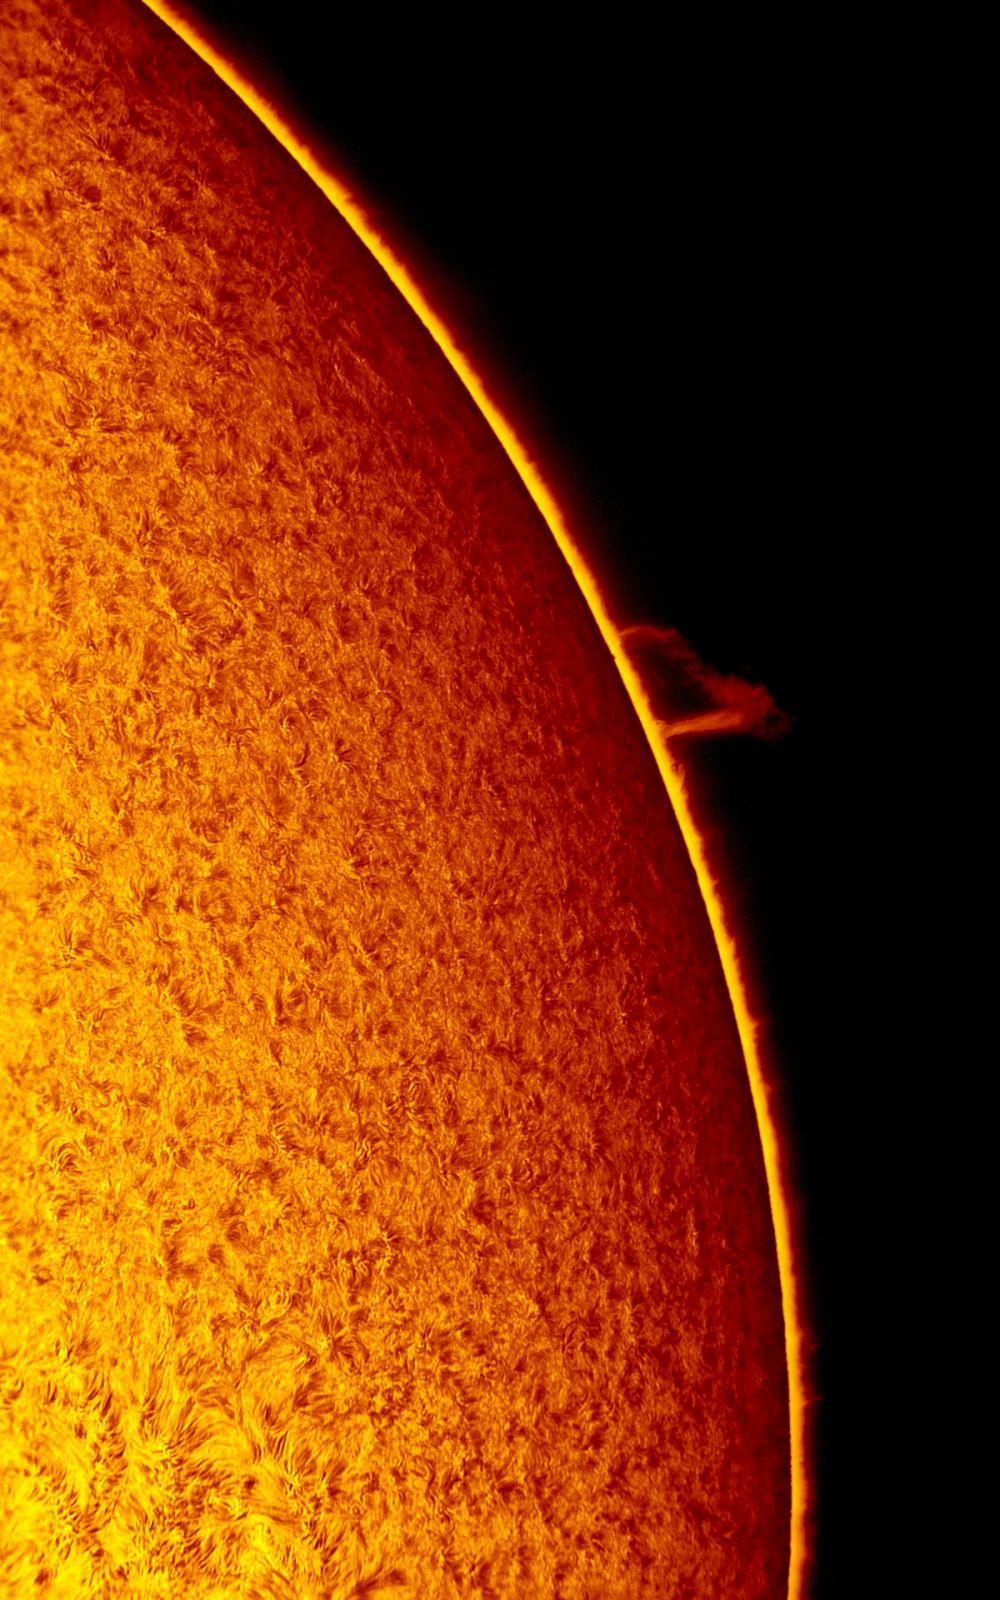 2017.05.06 Sun H-Alpha armchair prominence